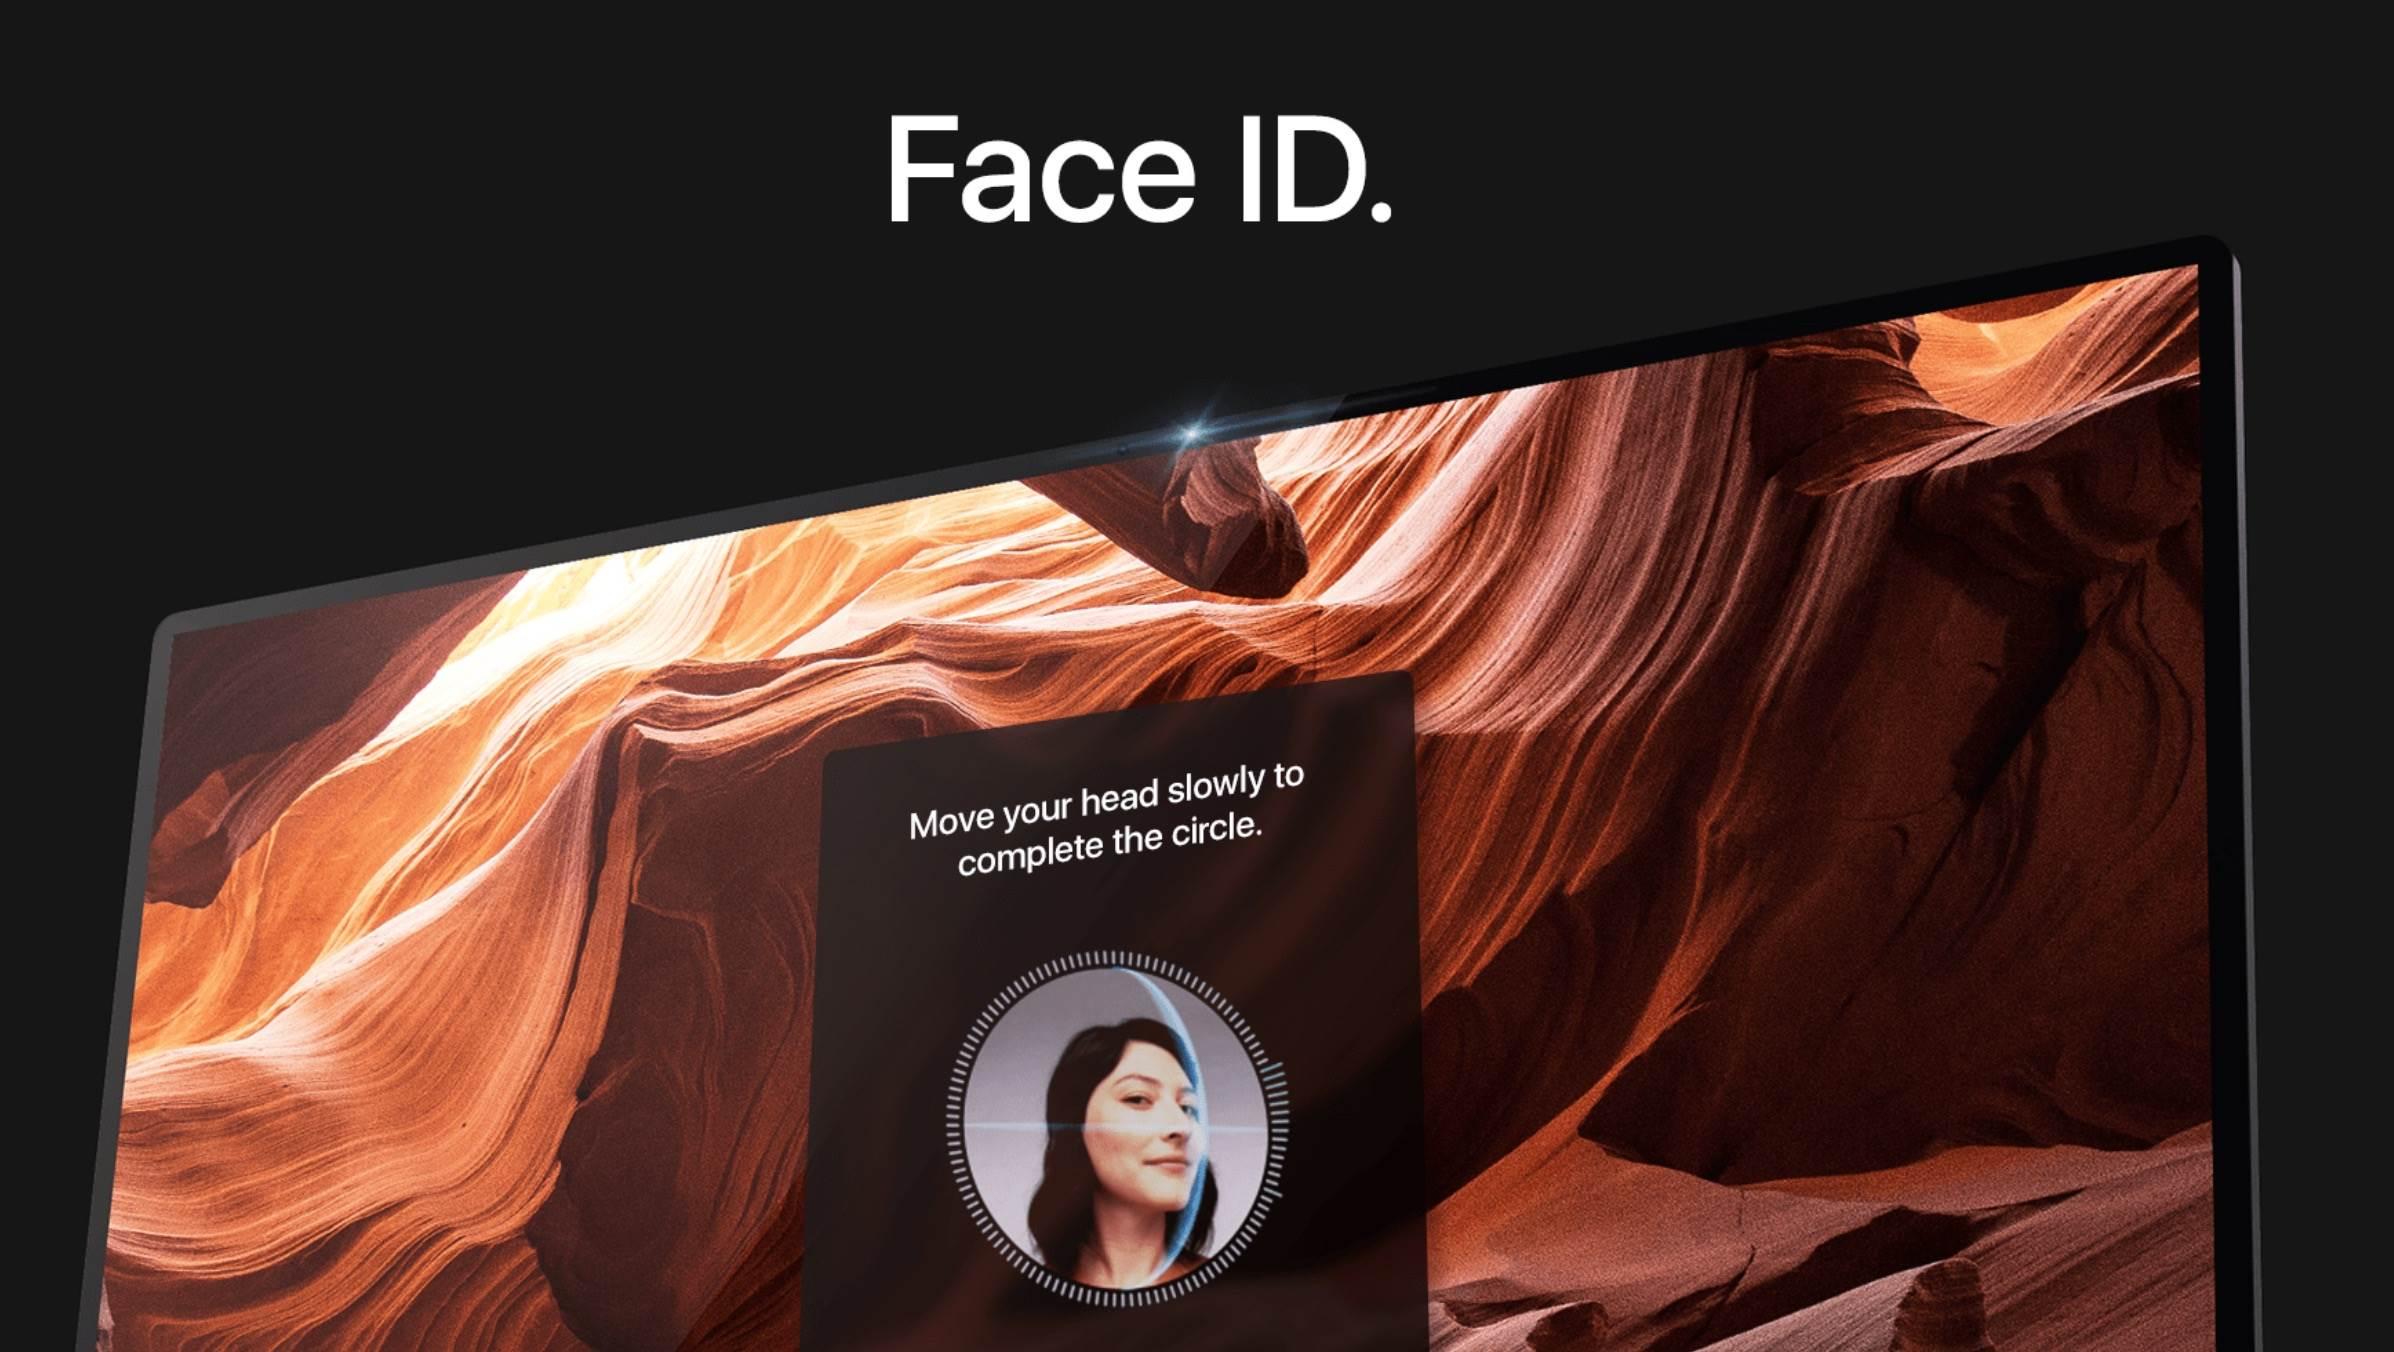 Bezramkowy iMac z Face ID i ładowaniem bezprzewodowym w podstawce - koncept ciekawostki Wizja, Wideo, iMac z Face ID, iMac, face ID, Apple  Nie ma to jak rozpocząć dzień od ciekawej wizji. Prawda? Mamy więc dla Was koncept iMac z Face ID - całość wygląda bardzo ciekawie. iMac 1